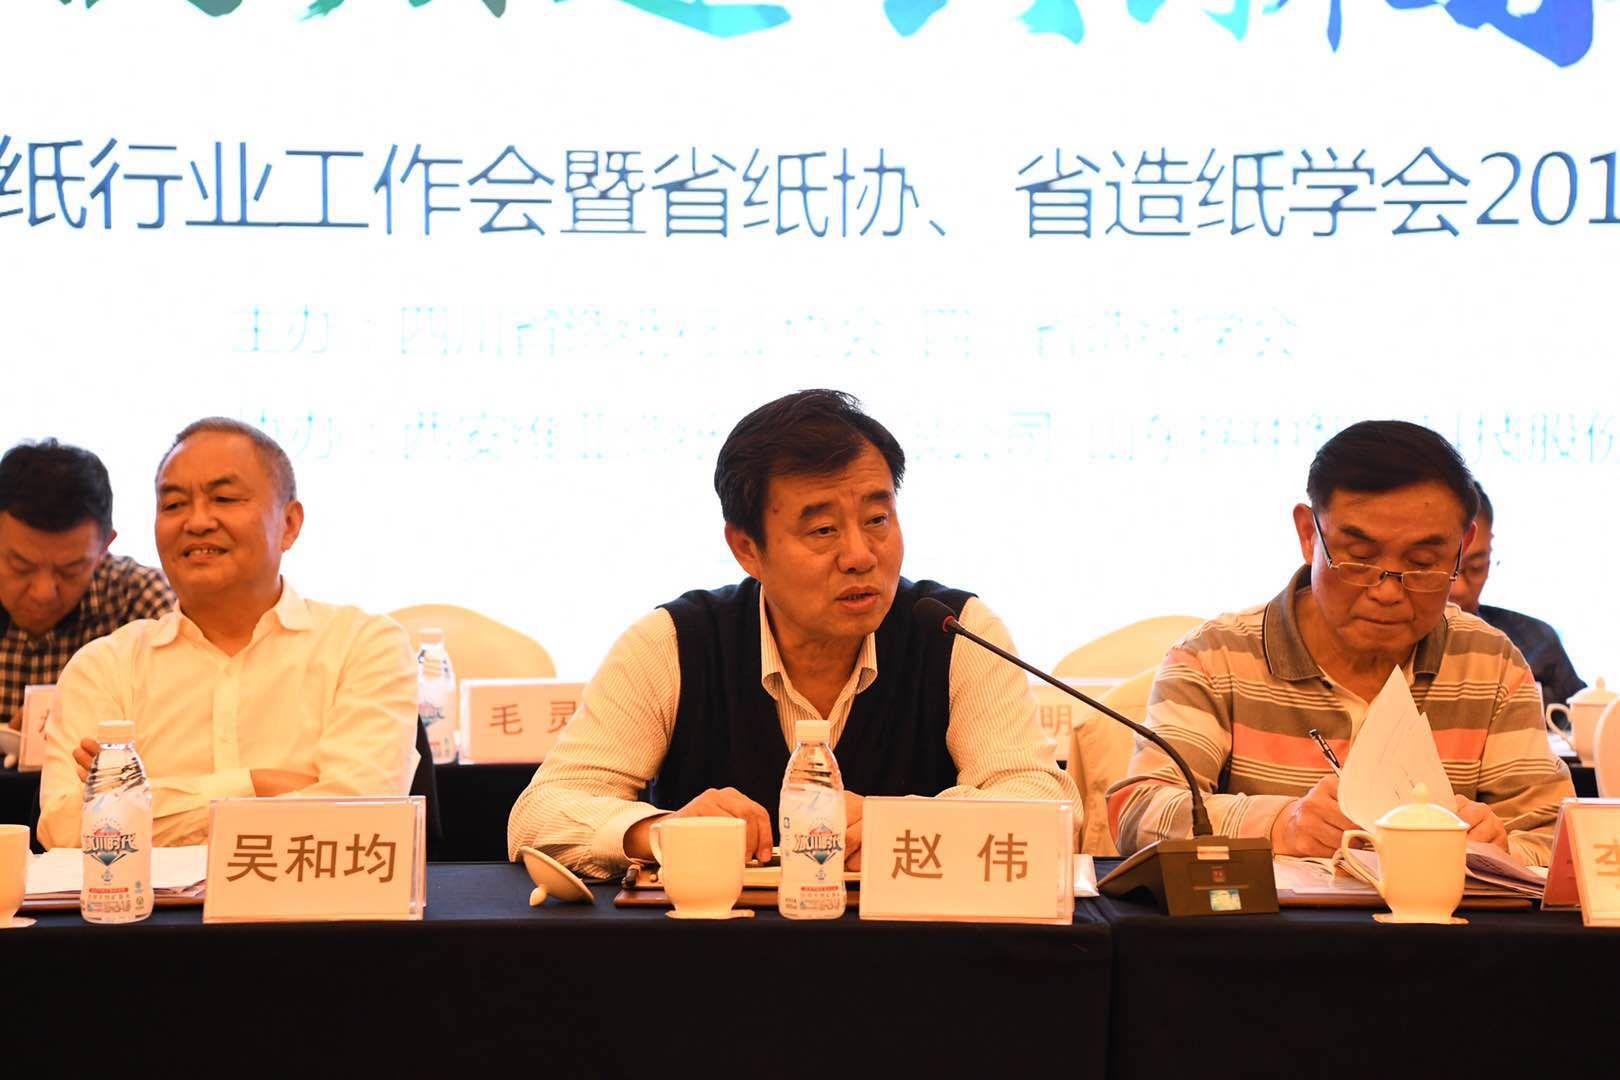 中纸协赵伟理事长在四川省造纸行业工作会上讲话